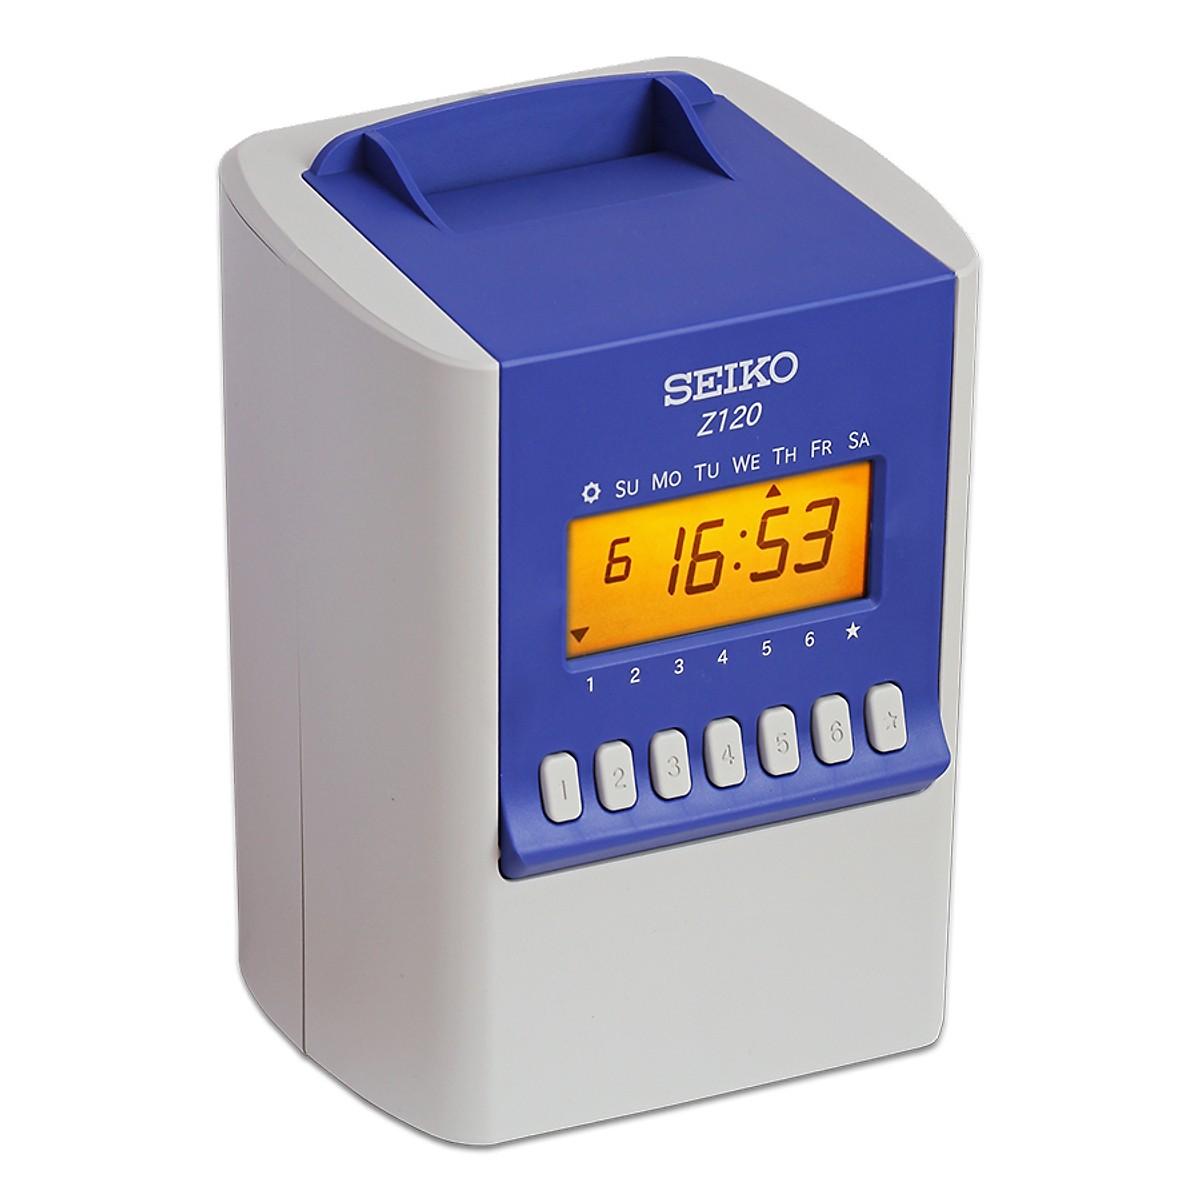 Máy chấm công thẻ giấy SEIKO Z120 - hàng nhập khẩu